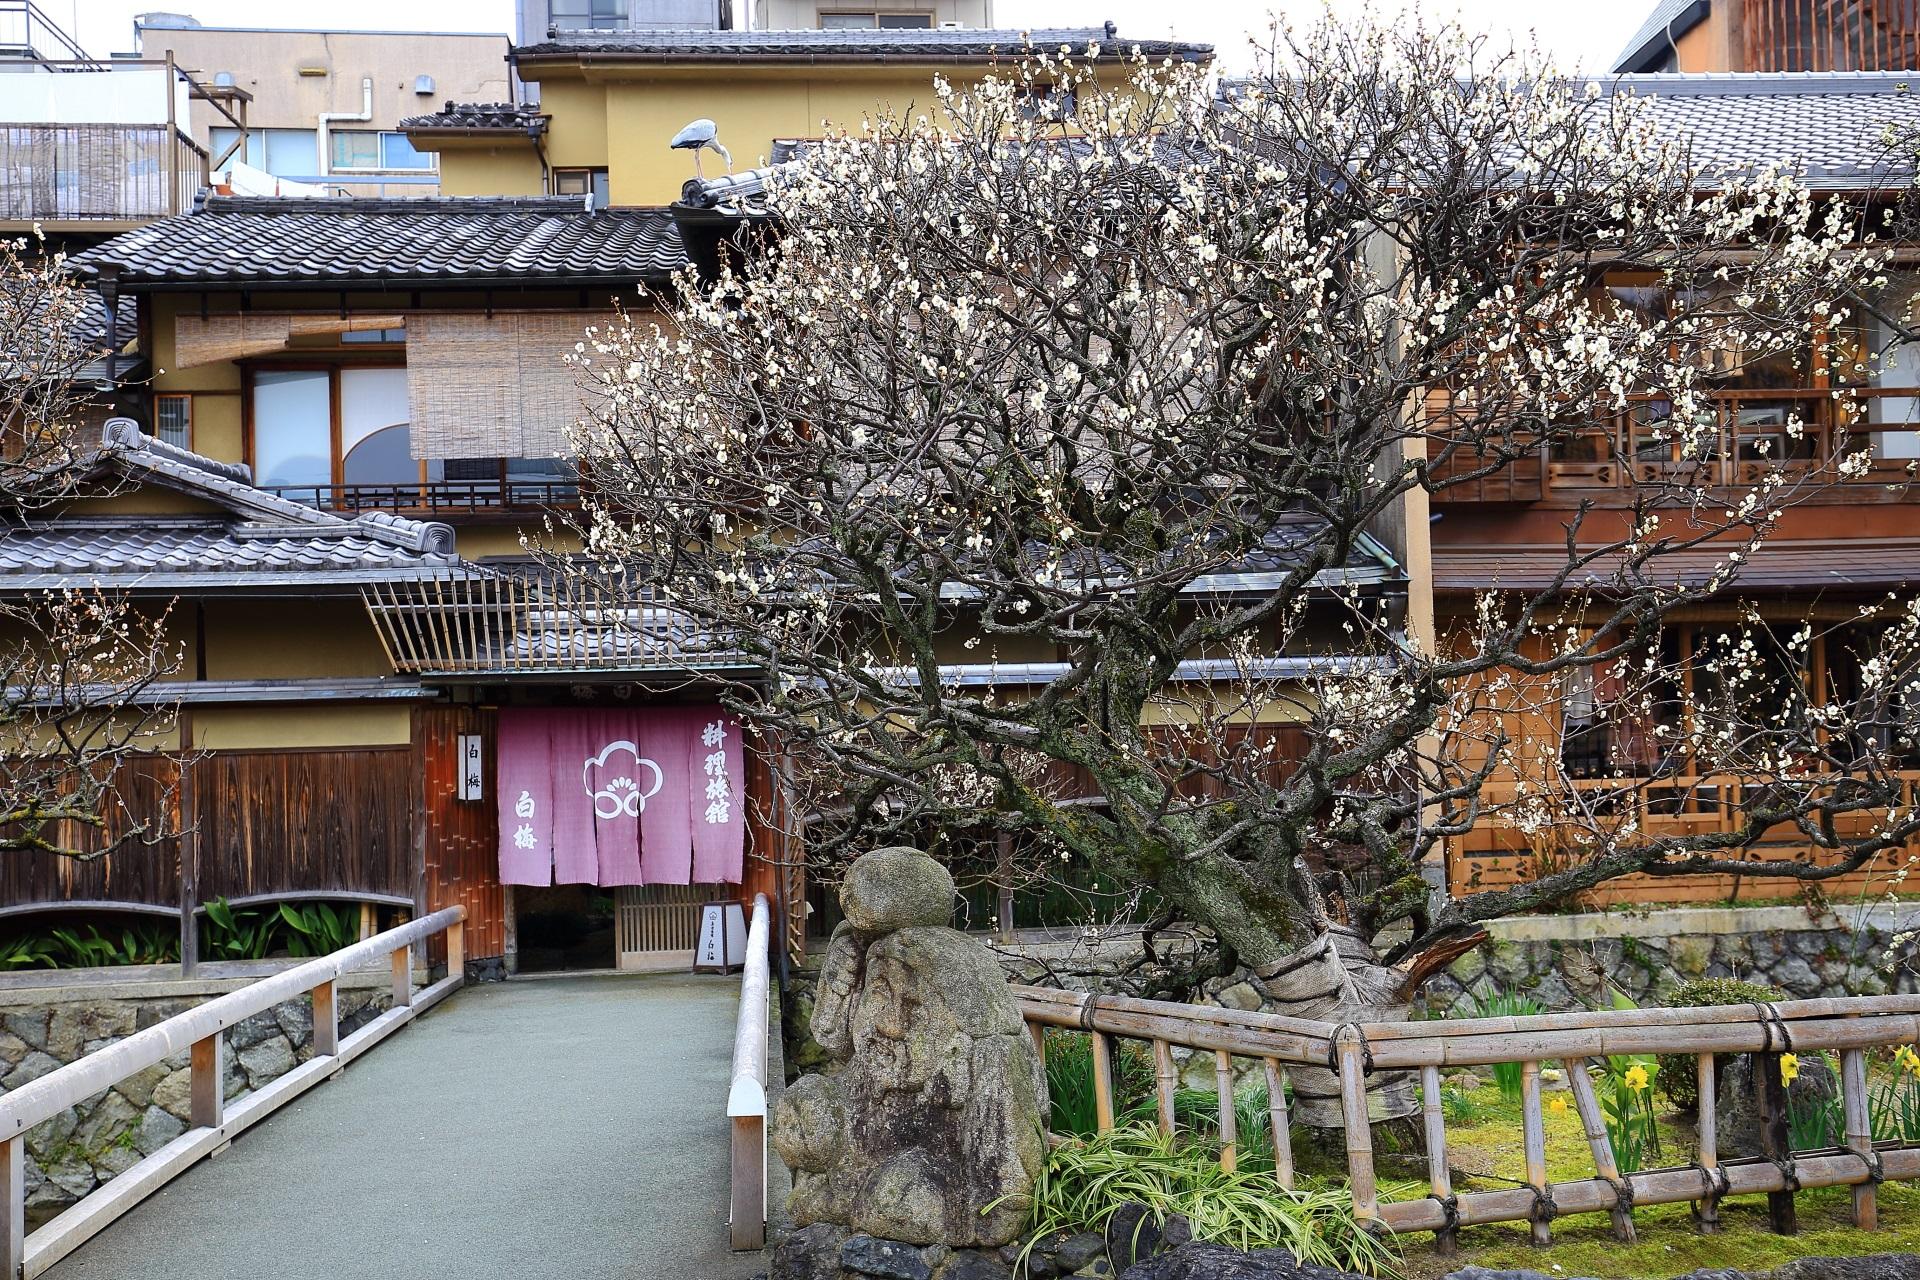 plumblossom Gionshirakawa in Kyoto,Japan